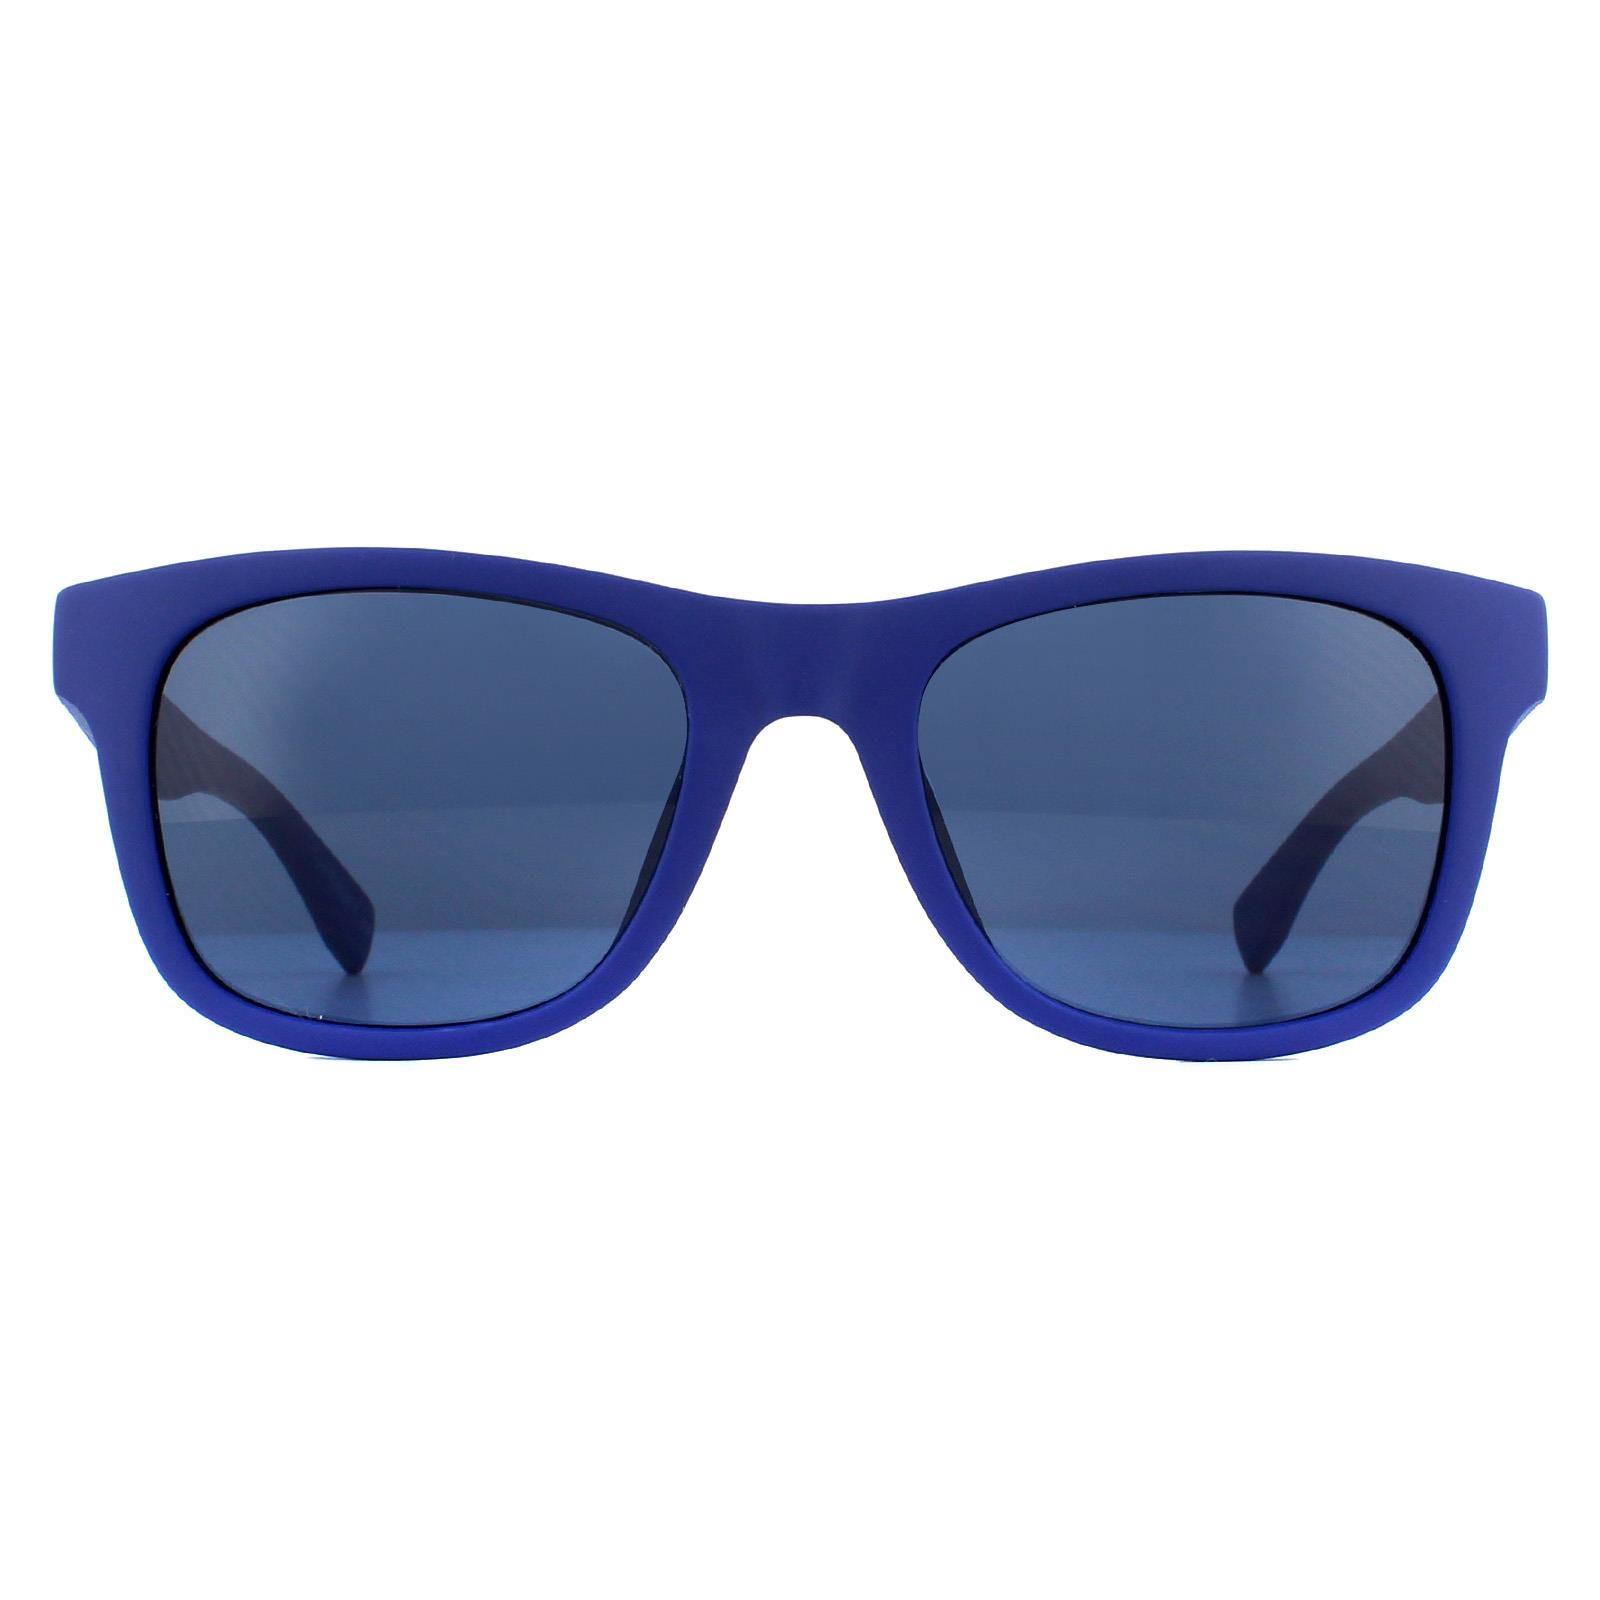 Lacoste Sunglasses L790S 424 Matte Blue Blue